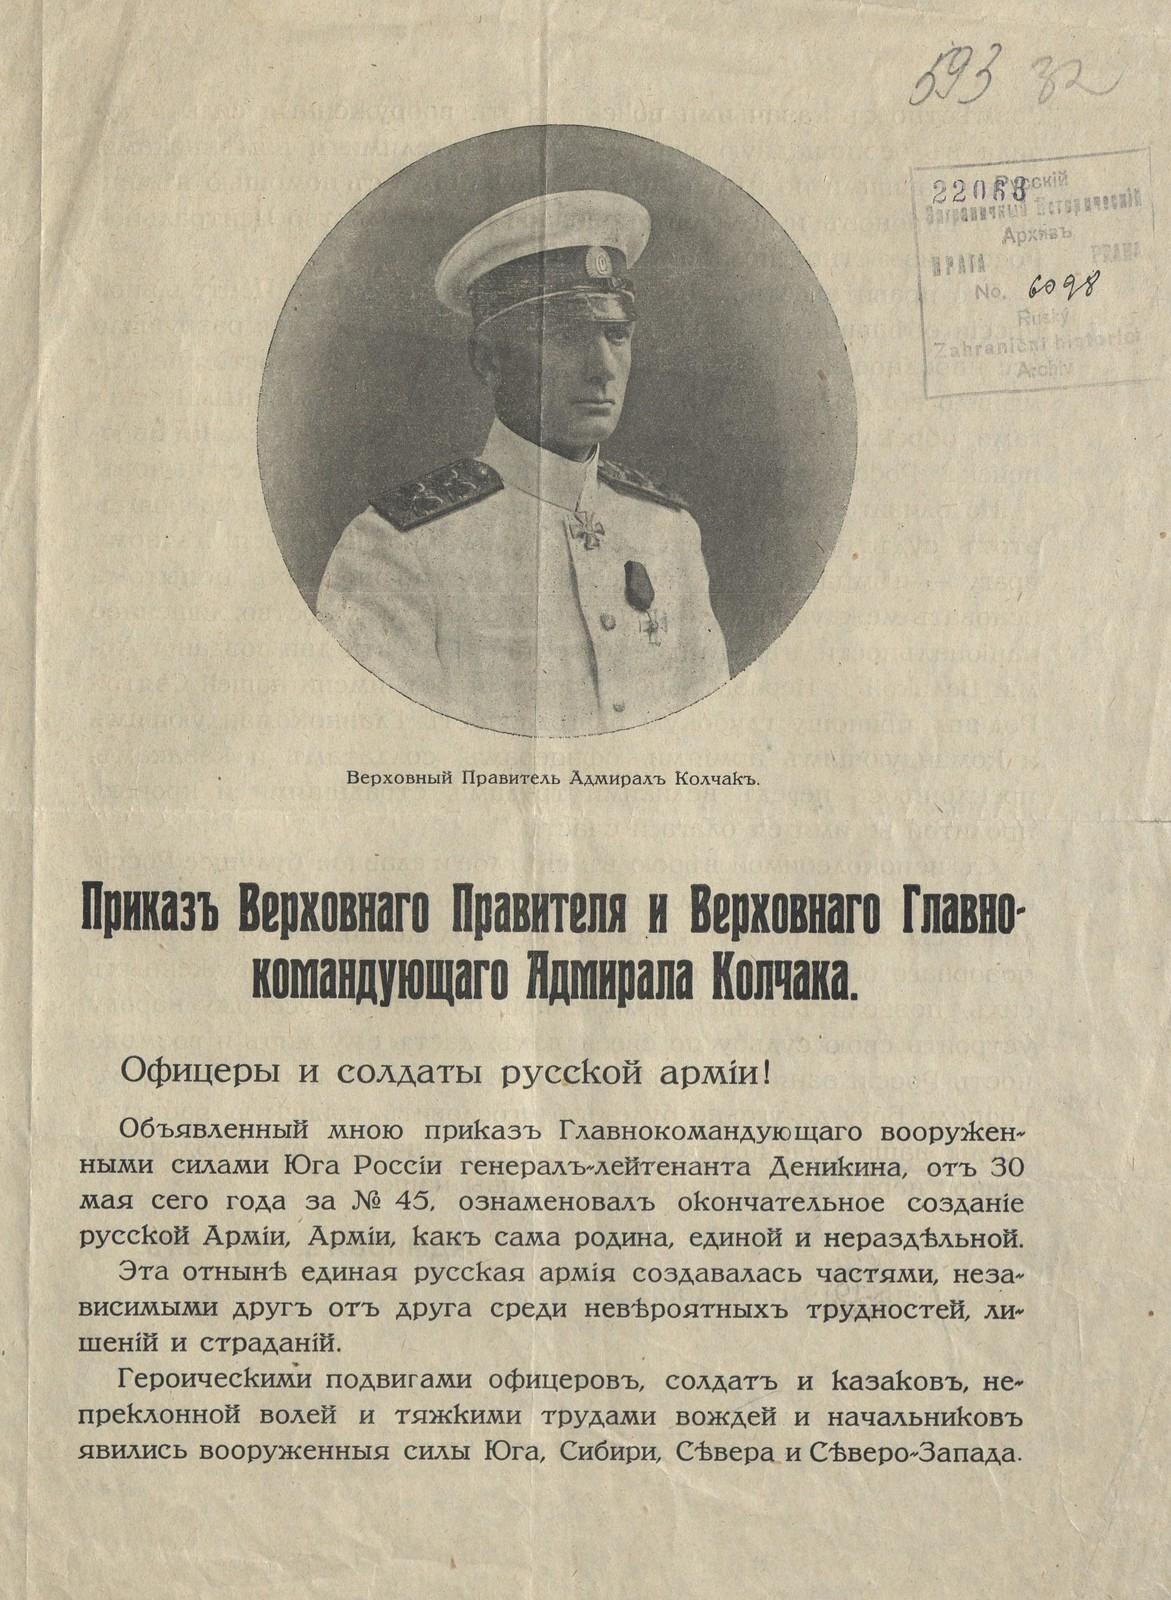 507. 1919. Адмирал А.В. Колчак. Приказ №153